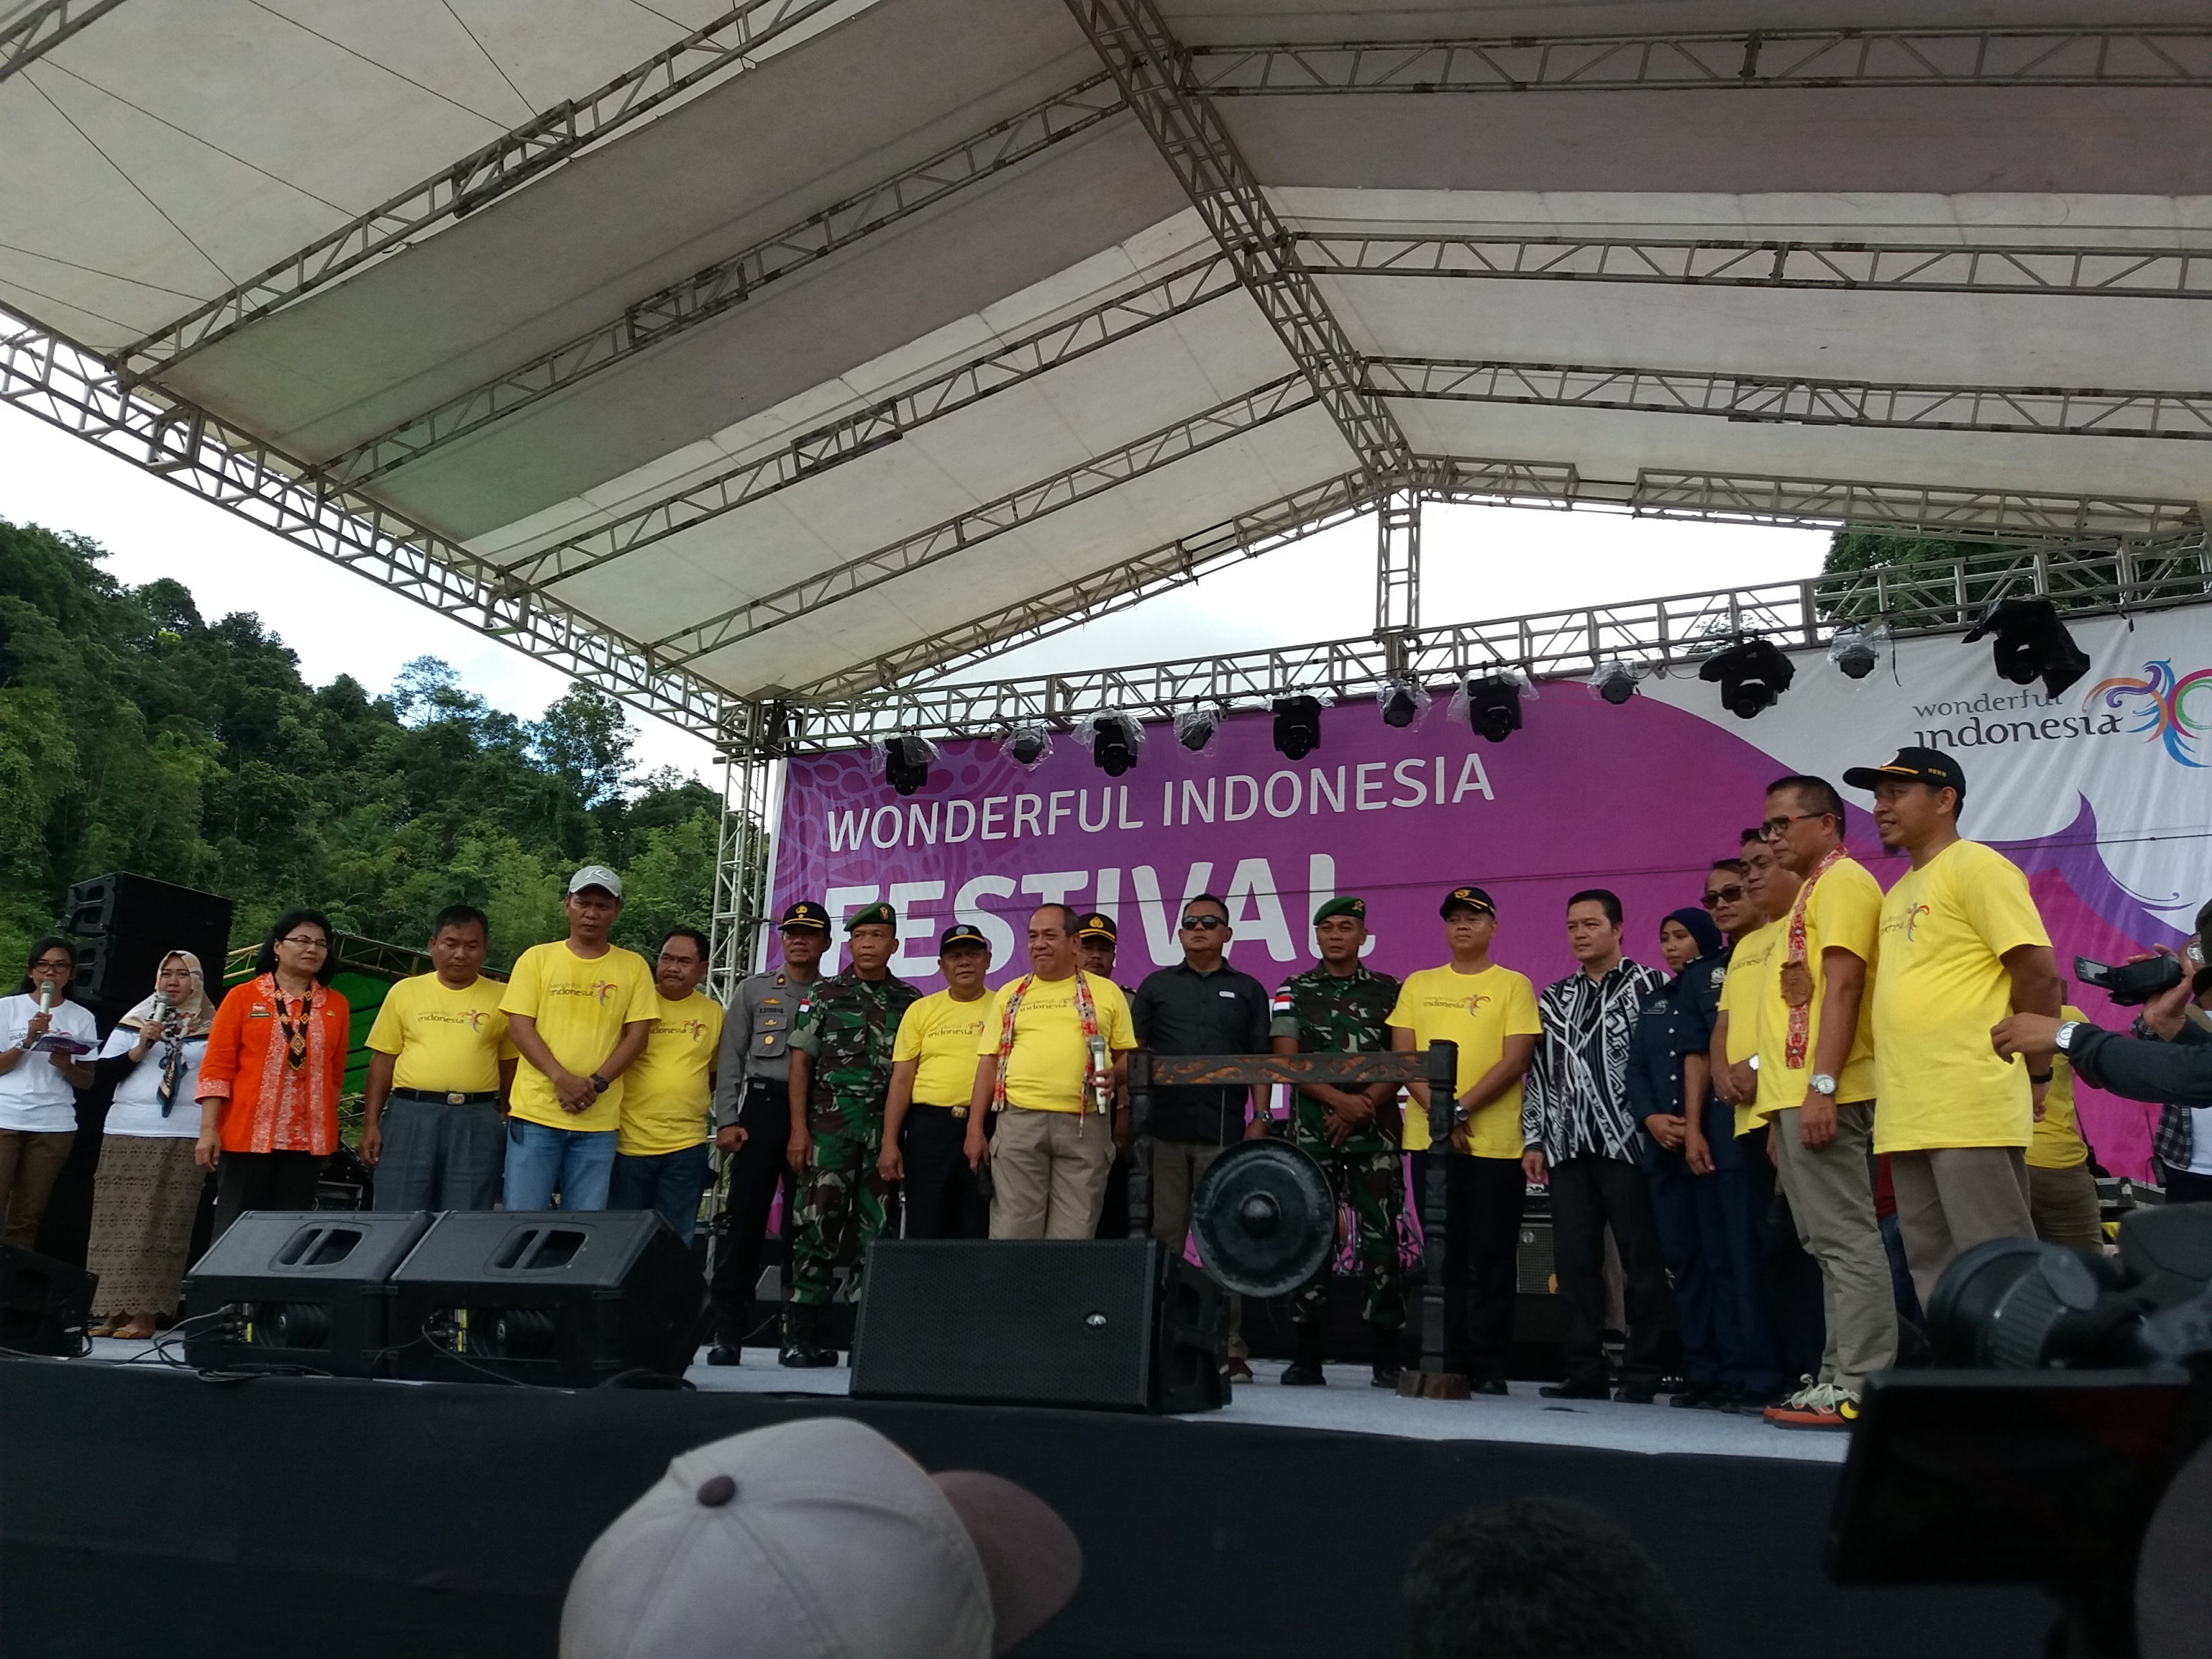 Wonderful Indonesia Cita-citata menggoyang masyarakat Perbatasan